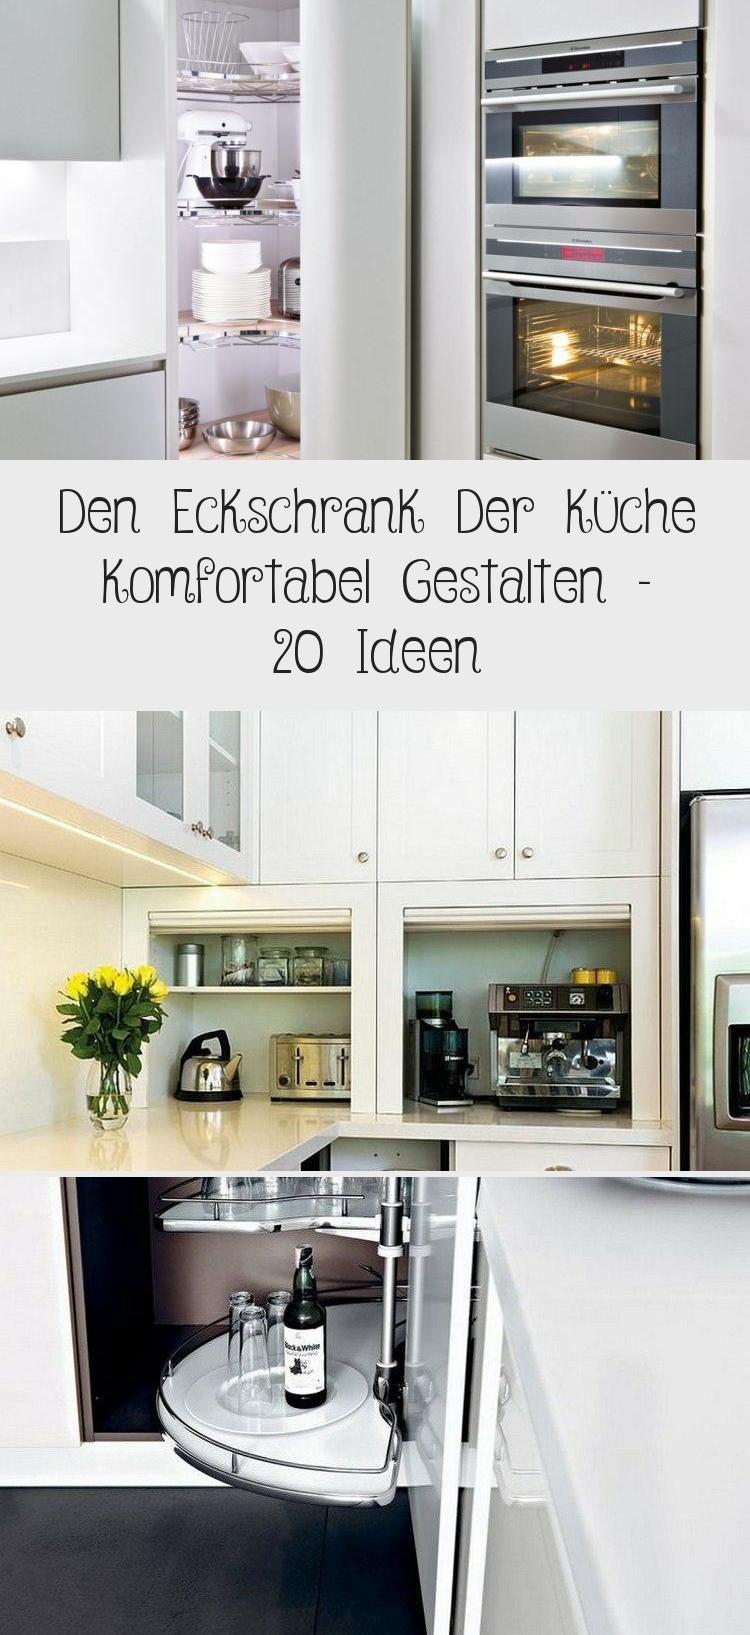 Full Size of Wandbelag Küche Eckunterschrank Vollholzküche Bodenfliesen Aufbewahrungsbehälter Wasserhahn Sideboard Pantryküche Mit Kühlschrank Industrial Umziehen Wohnzimmer Küche Eckschrank Rondell